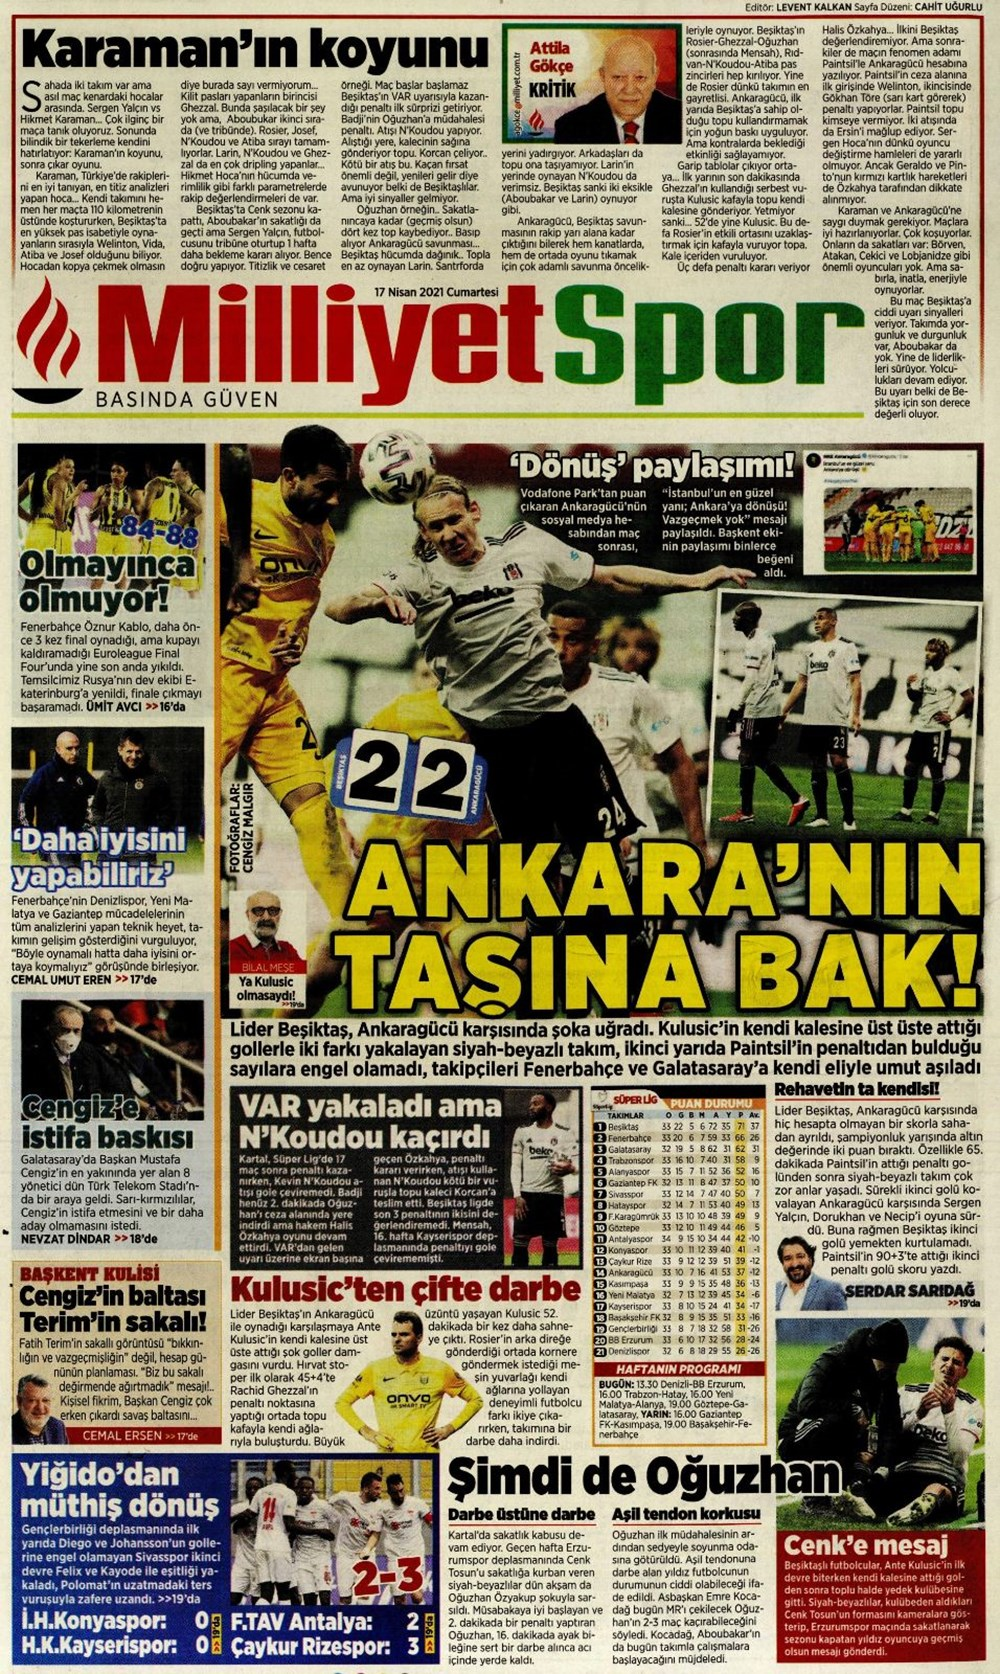 Günün spor manşetleri (17 Nisan 2021) - 14